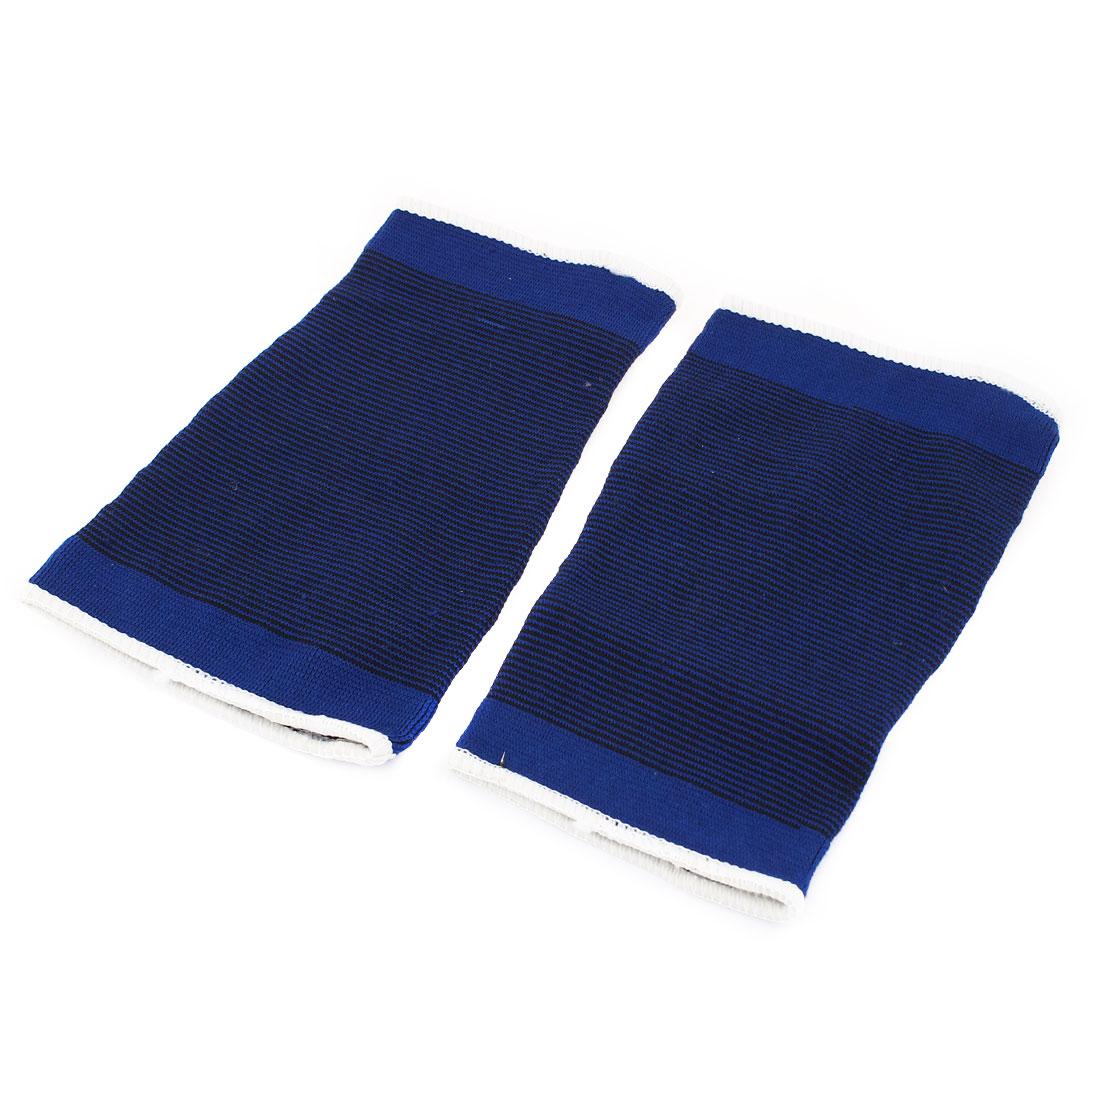 Man Sports Pullover Elastic Calf Crus Support Protector Blue Black 2 Pcs